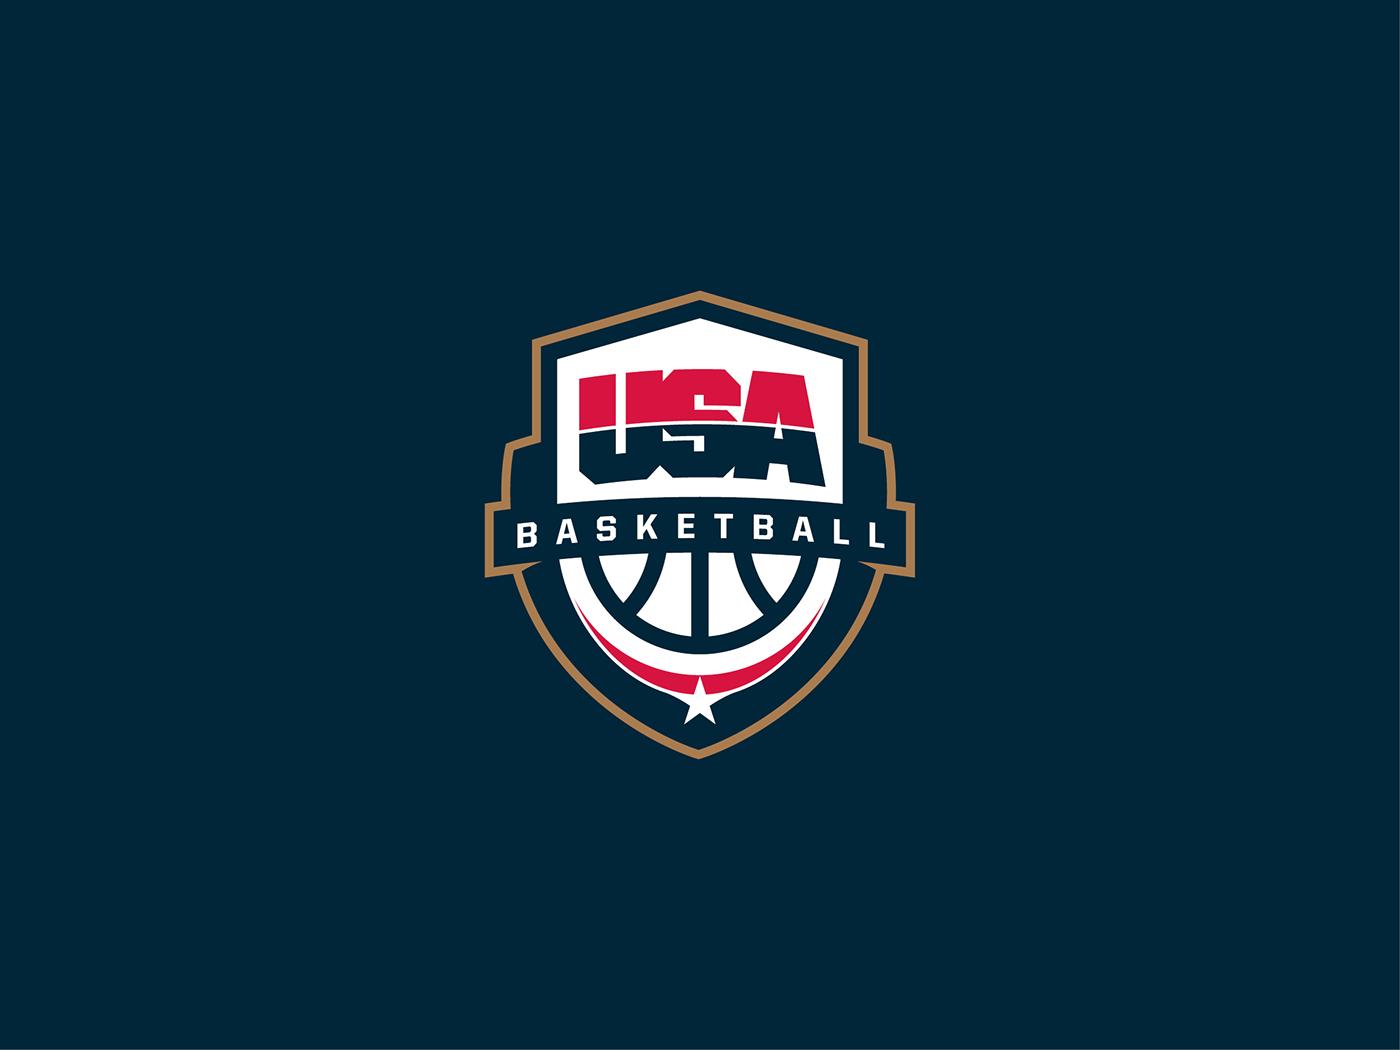 極美的25張籃球logo欣賞